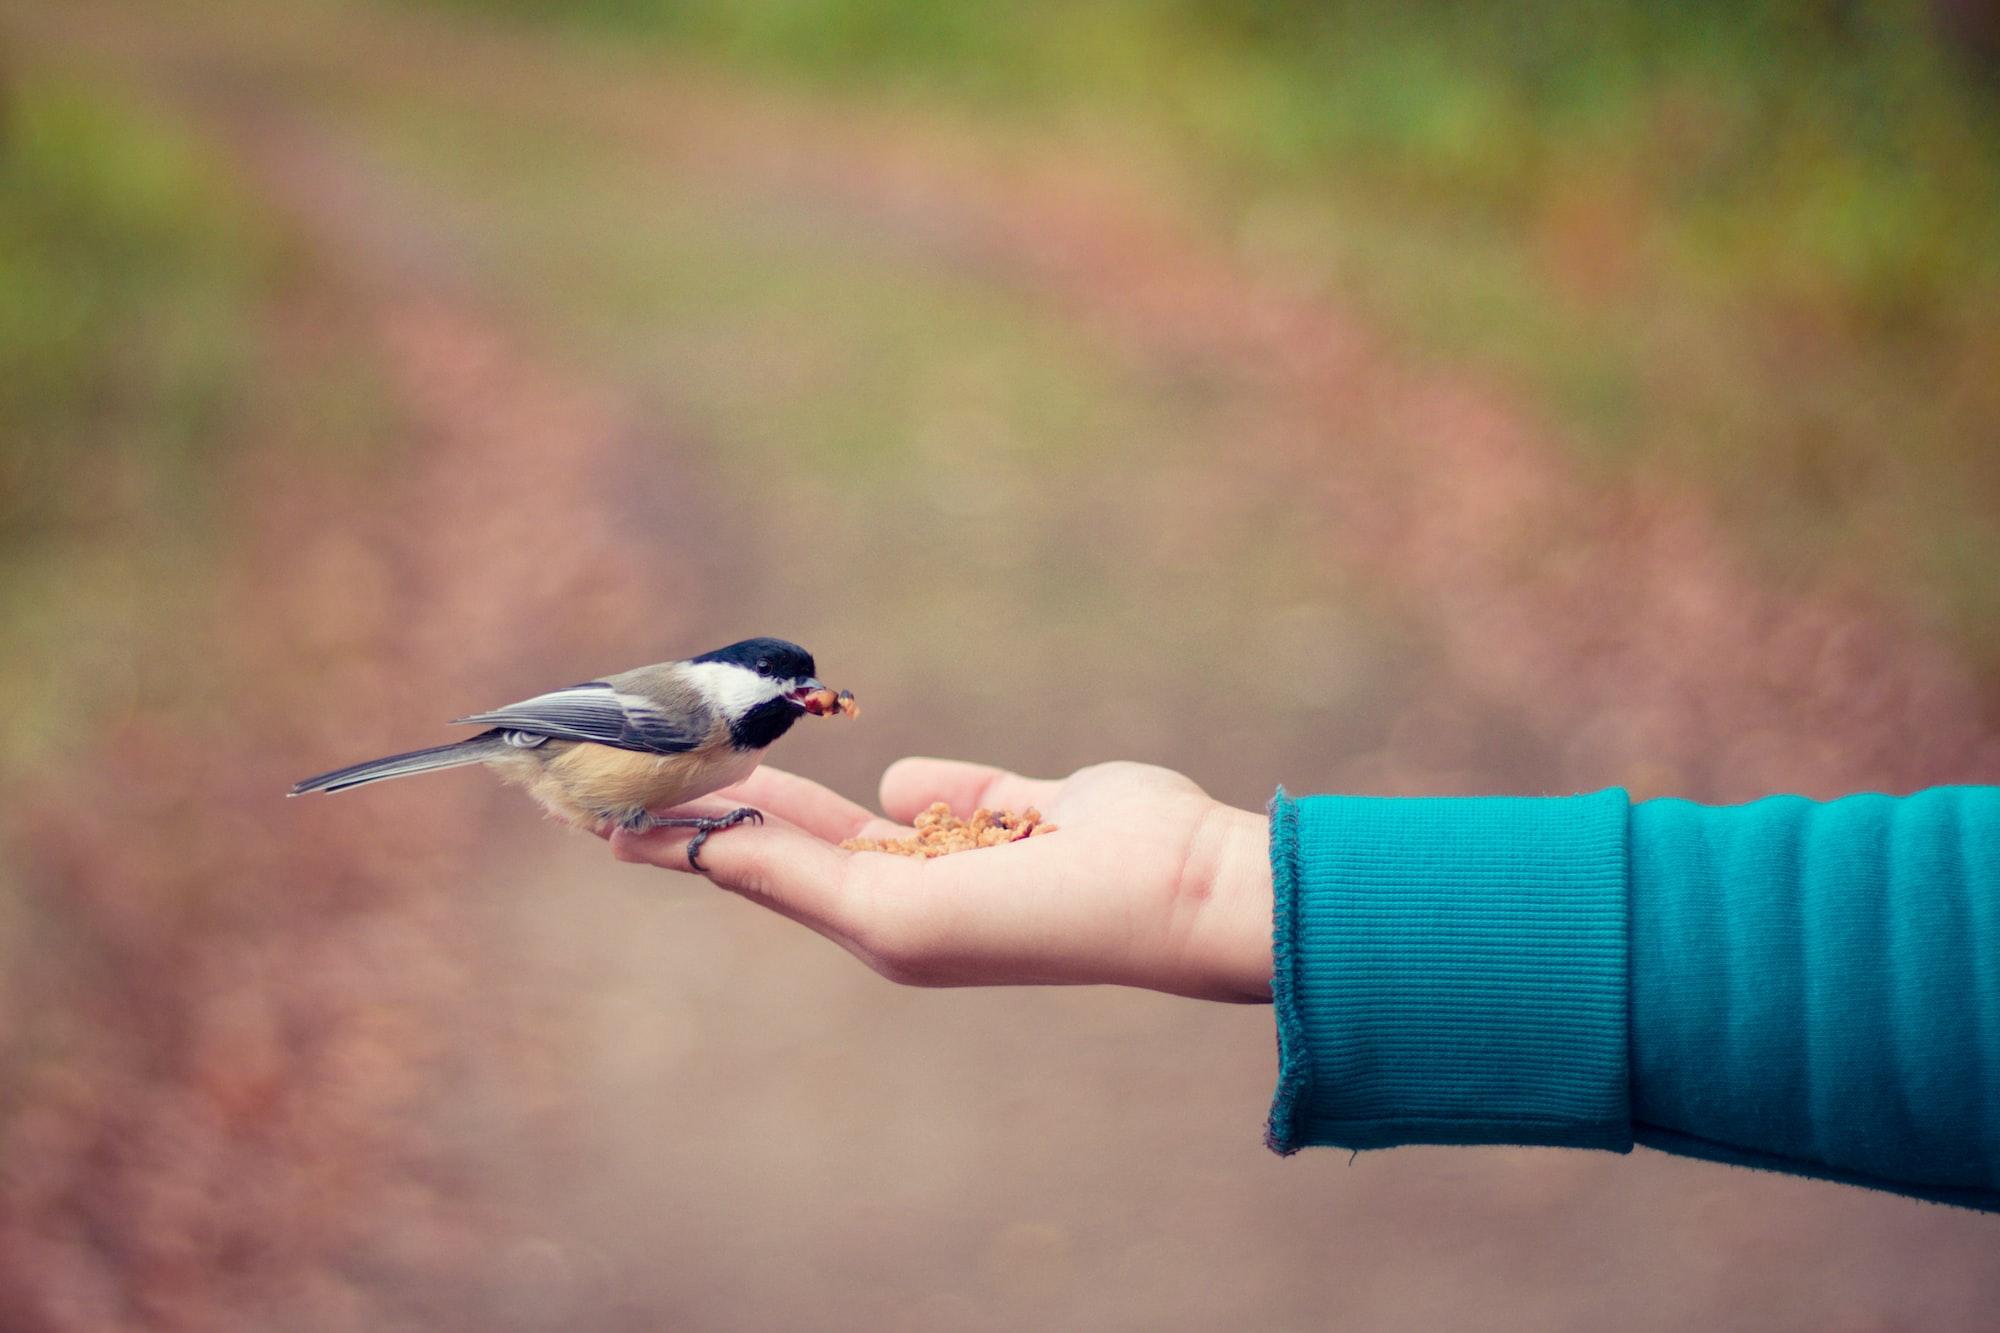 Será que é possível ensinar alguém a ter compaixão, generosidade e bondade? (Podcast)